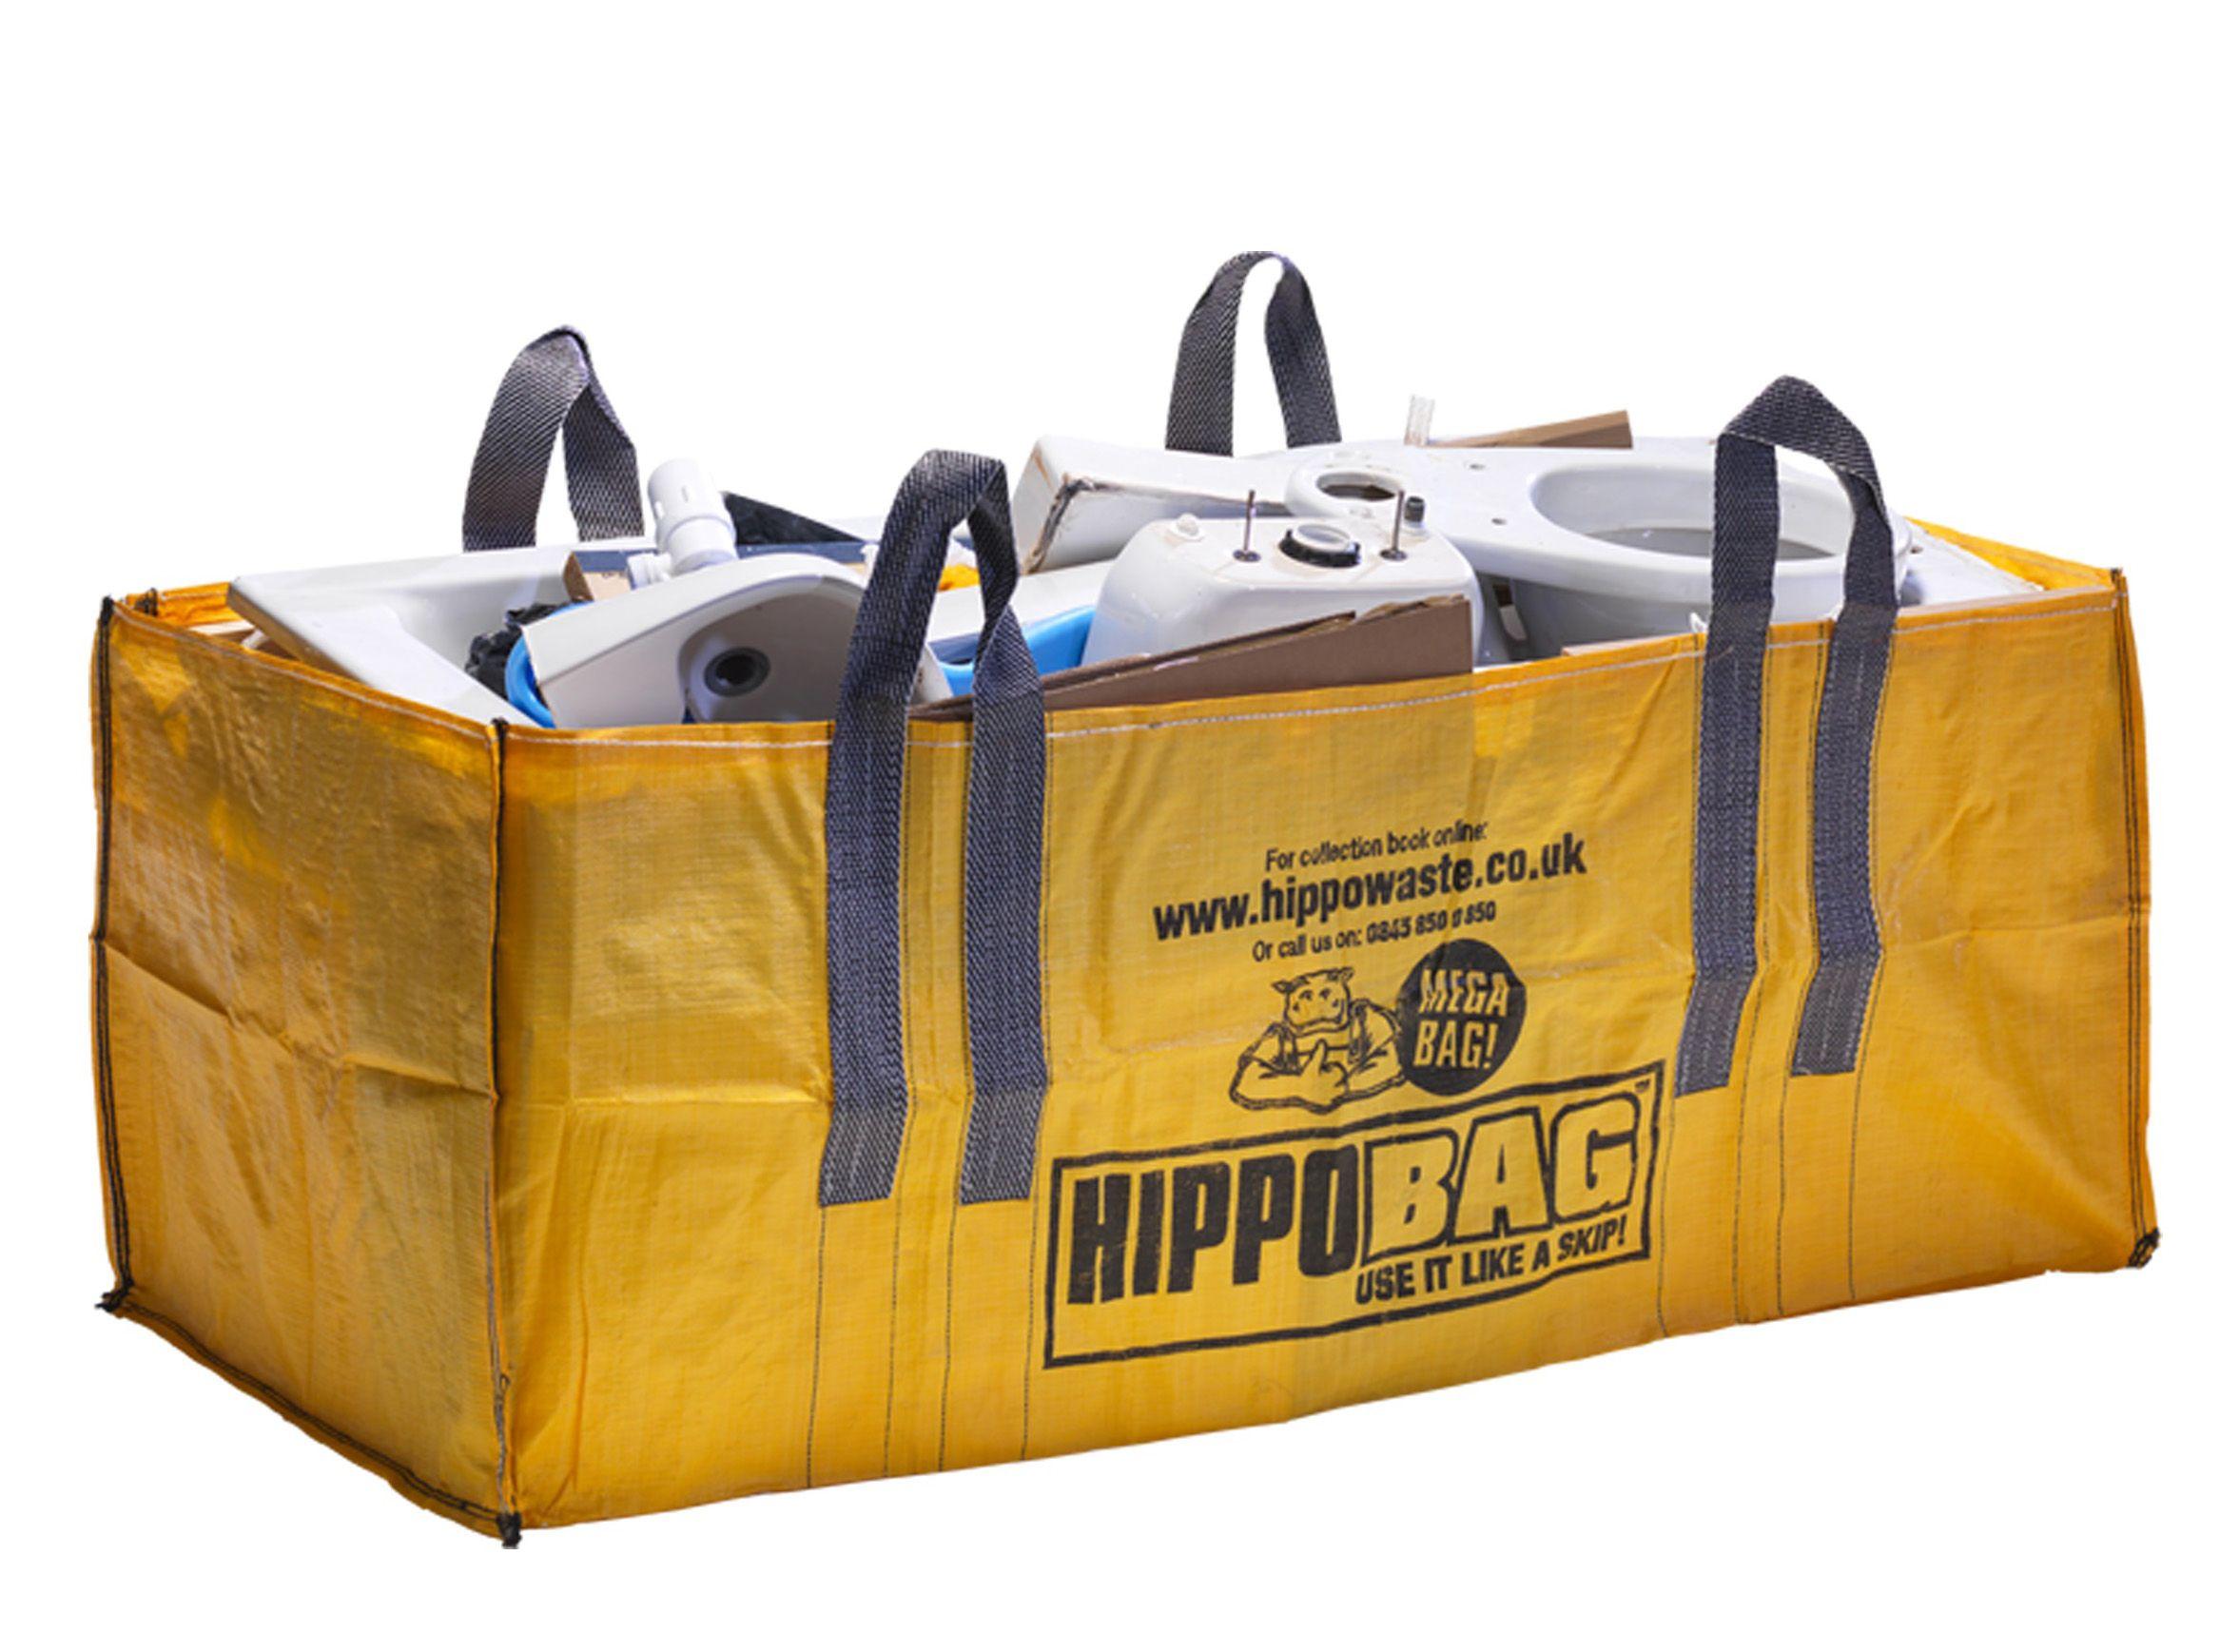 Hippobag Megabag H 700mm W 900mm L 1800mm Departments